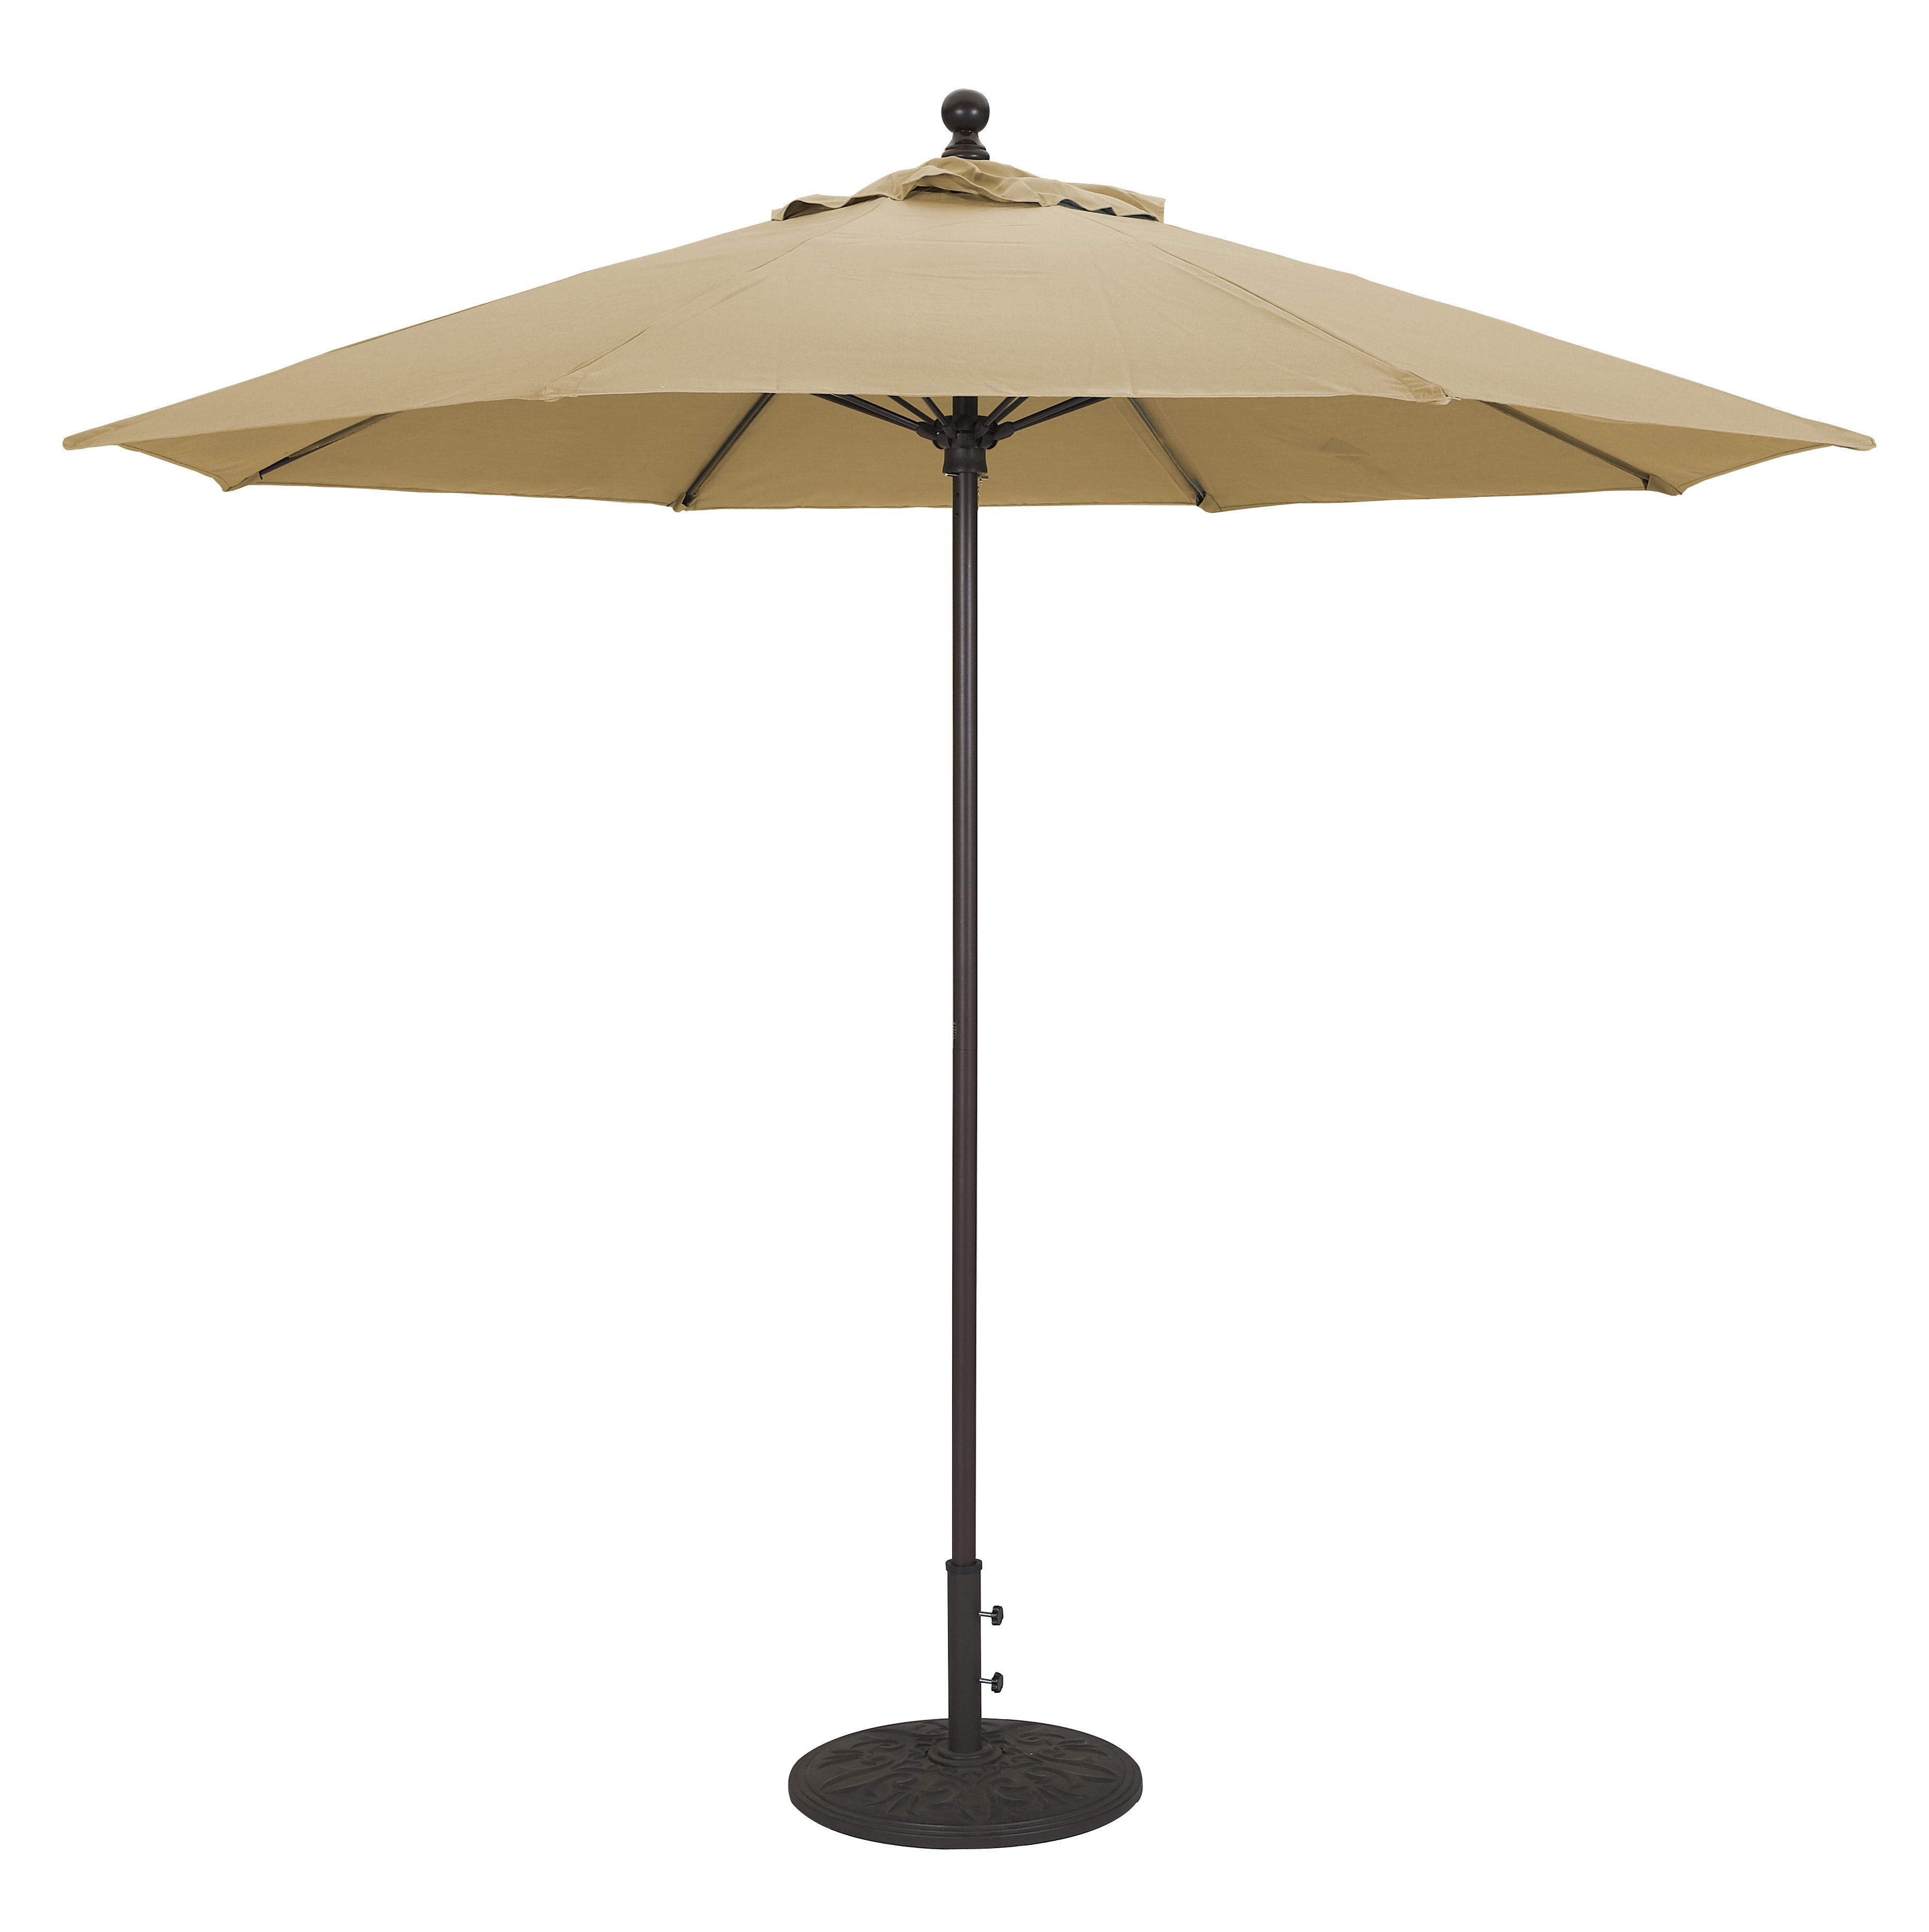 Galtech Patio Umbrellas